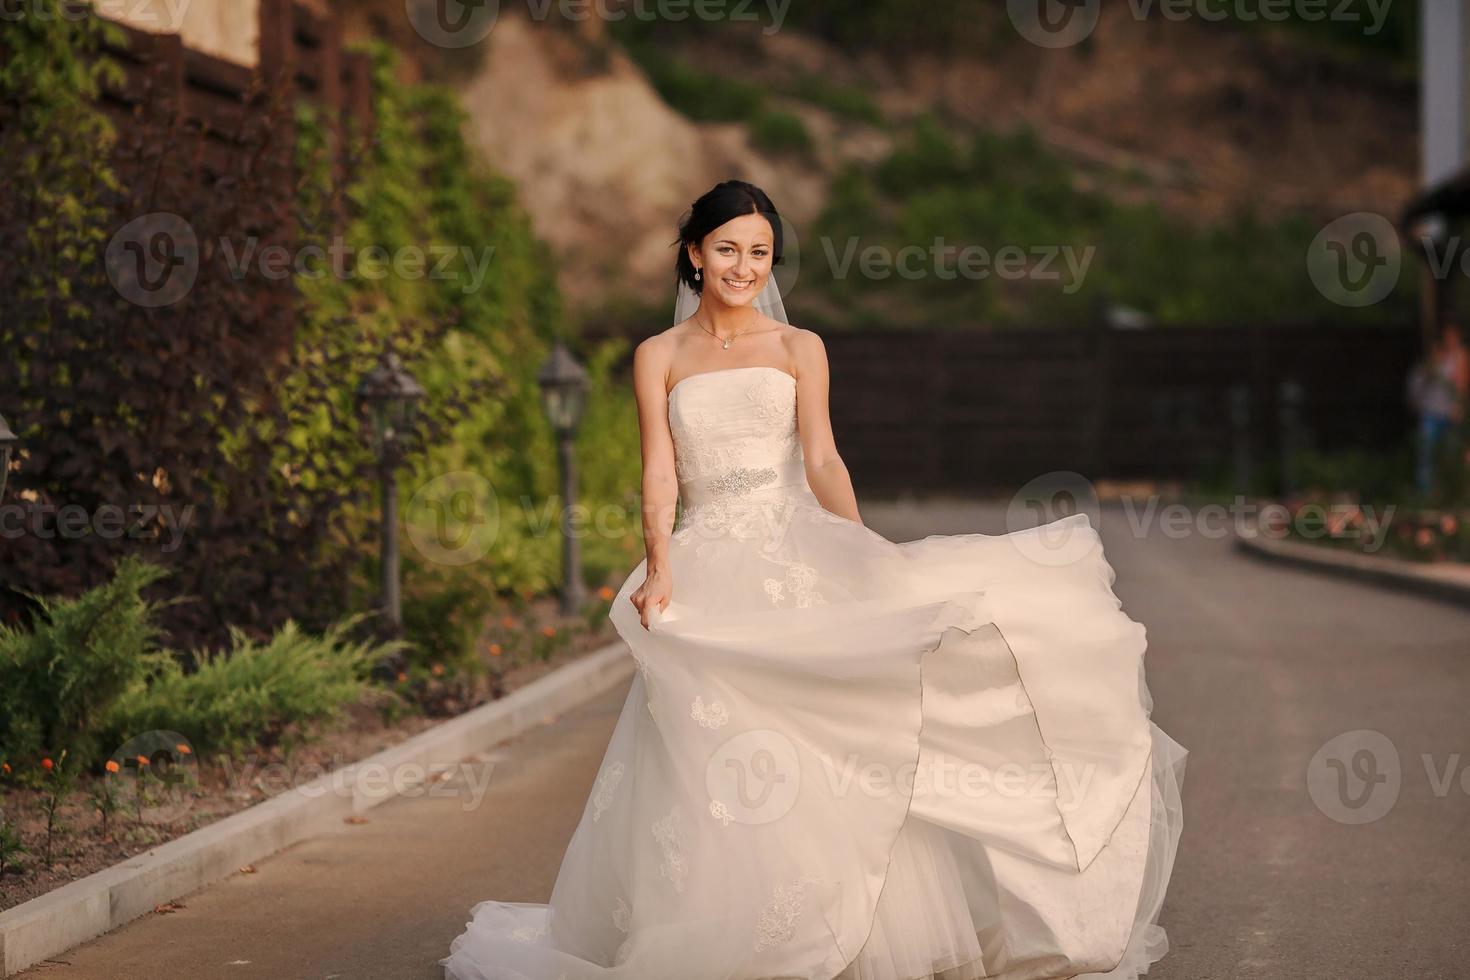 joven novia afuera foto